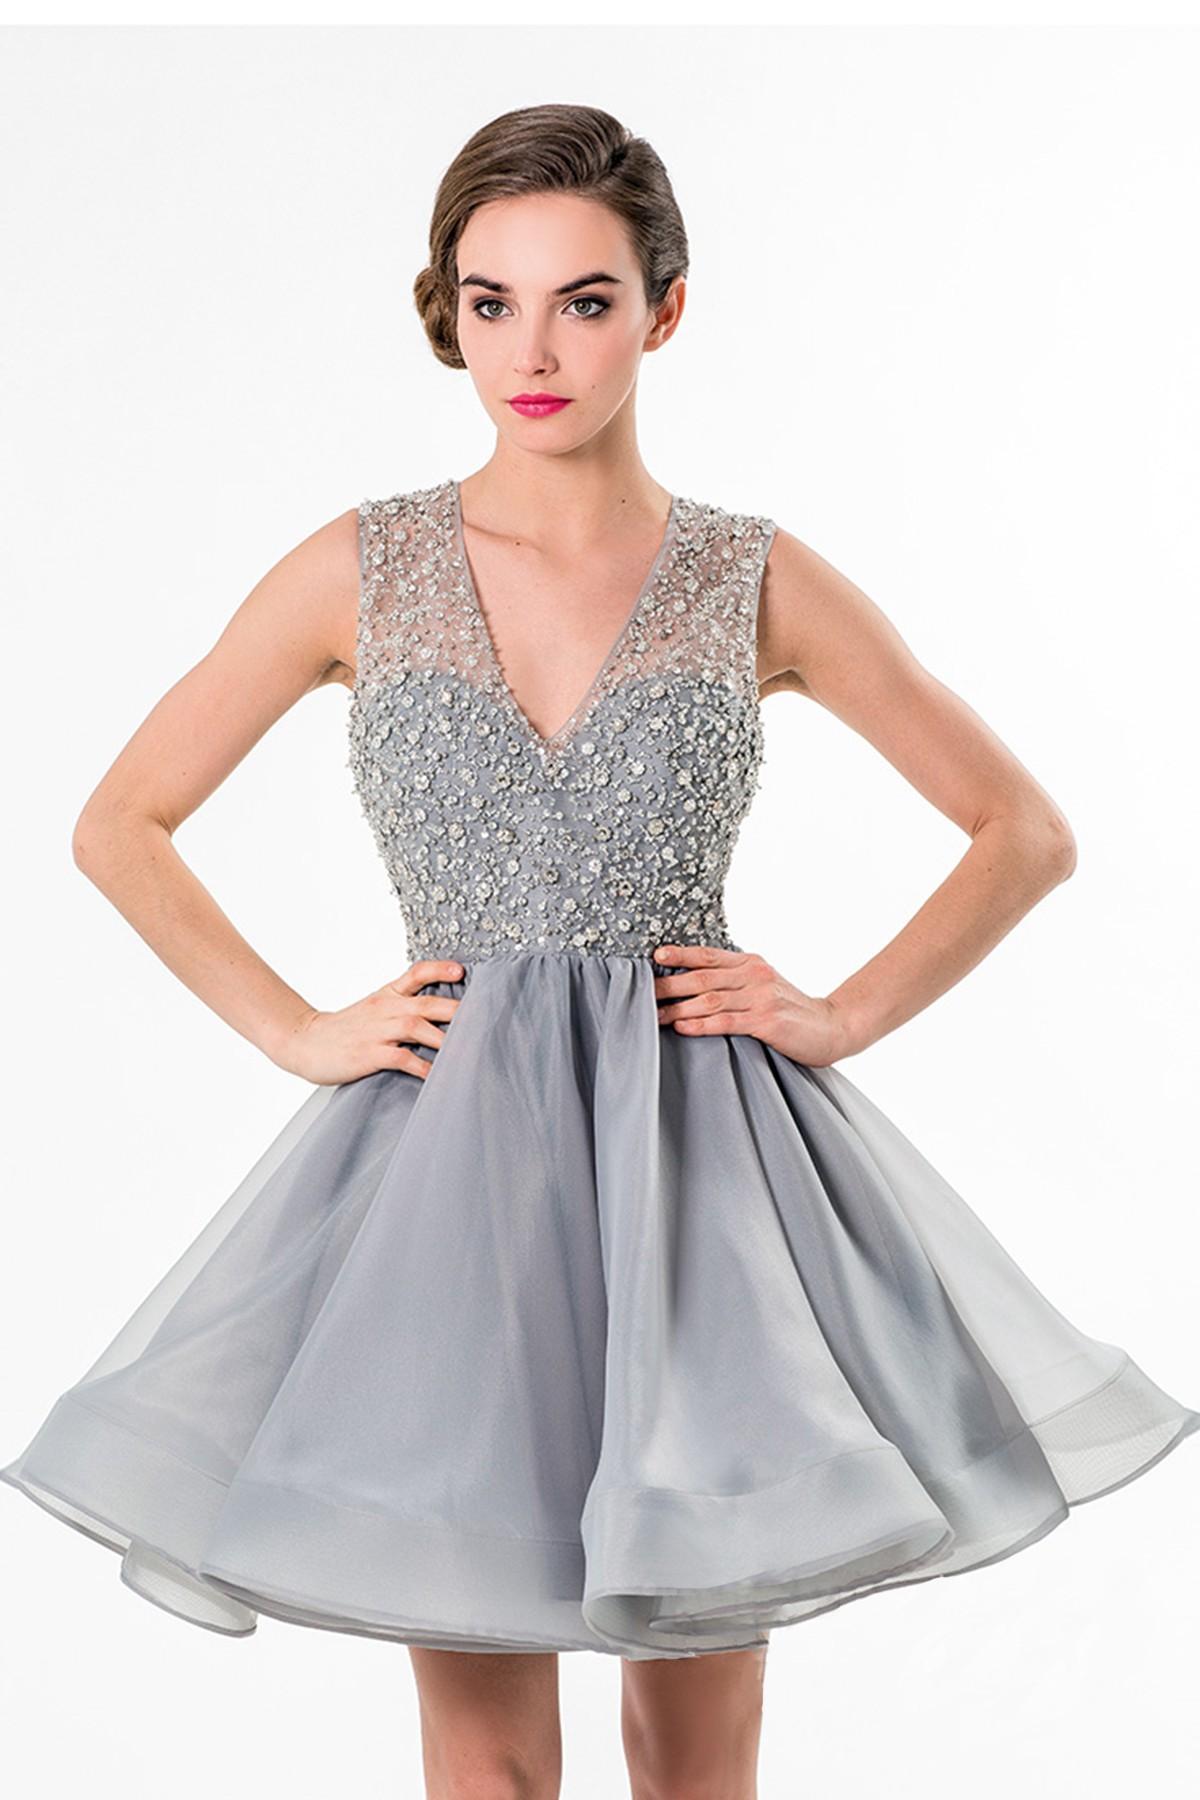 Silver Short Prom Dresses 2016 New Arrival V Neck Sleeveless ...